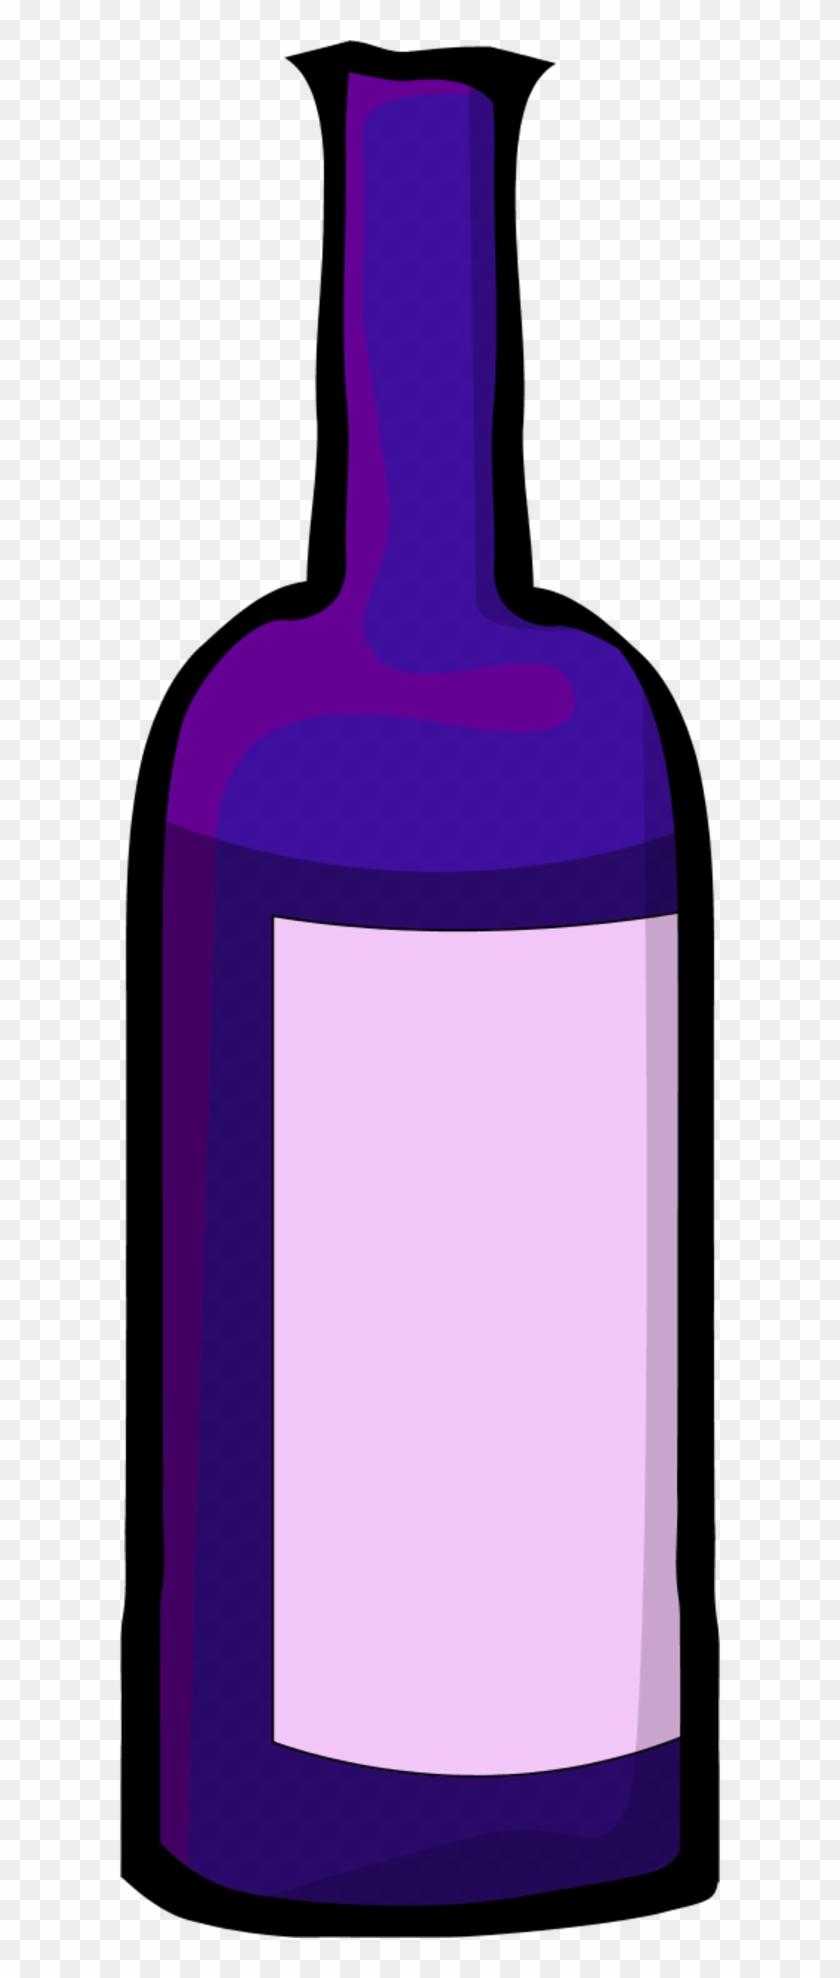 Drinking clipart purple wine. Food bottle gallery free